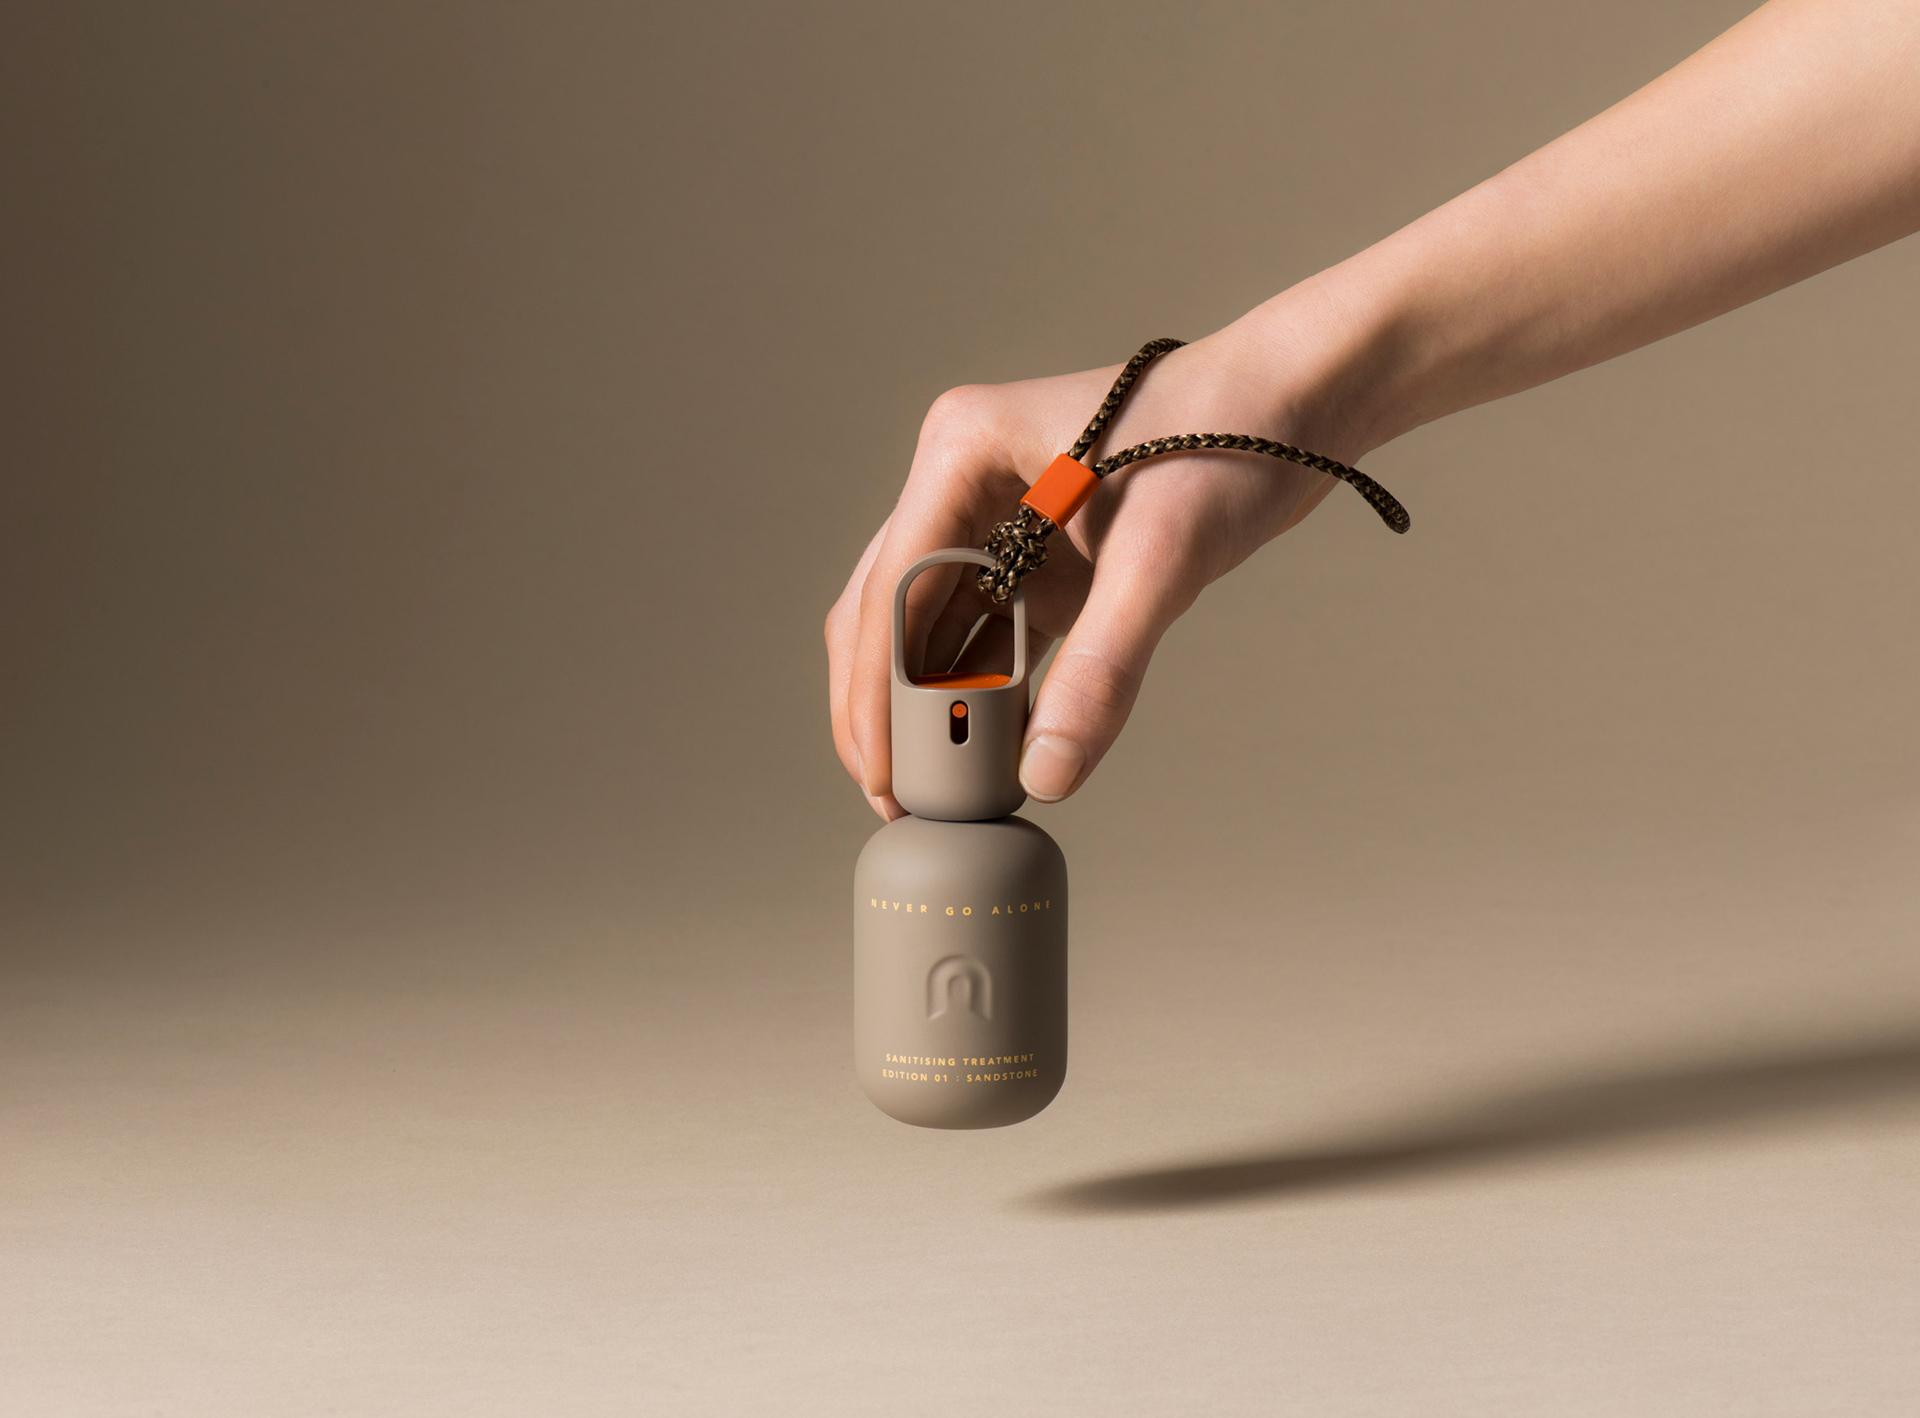 Бенджамин Хьюберт: средства гигиены как объект дизайна